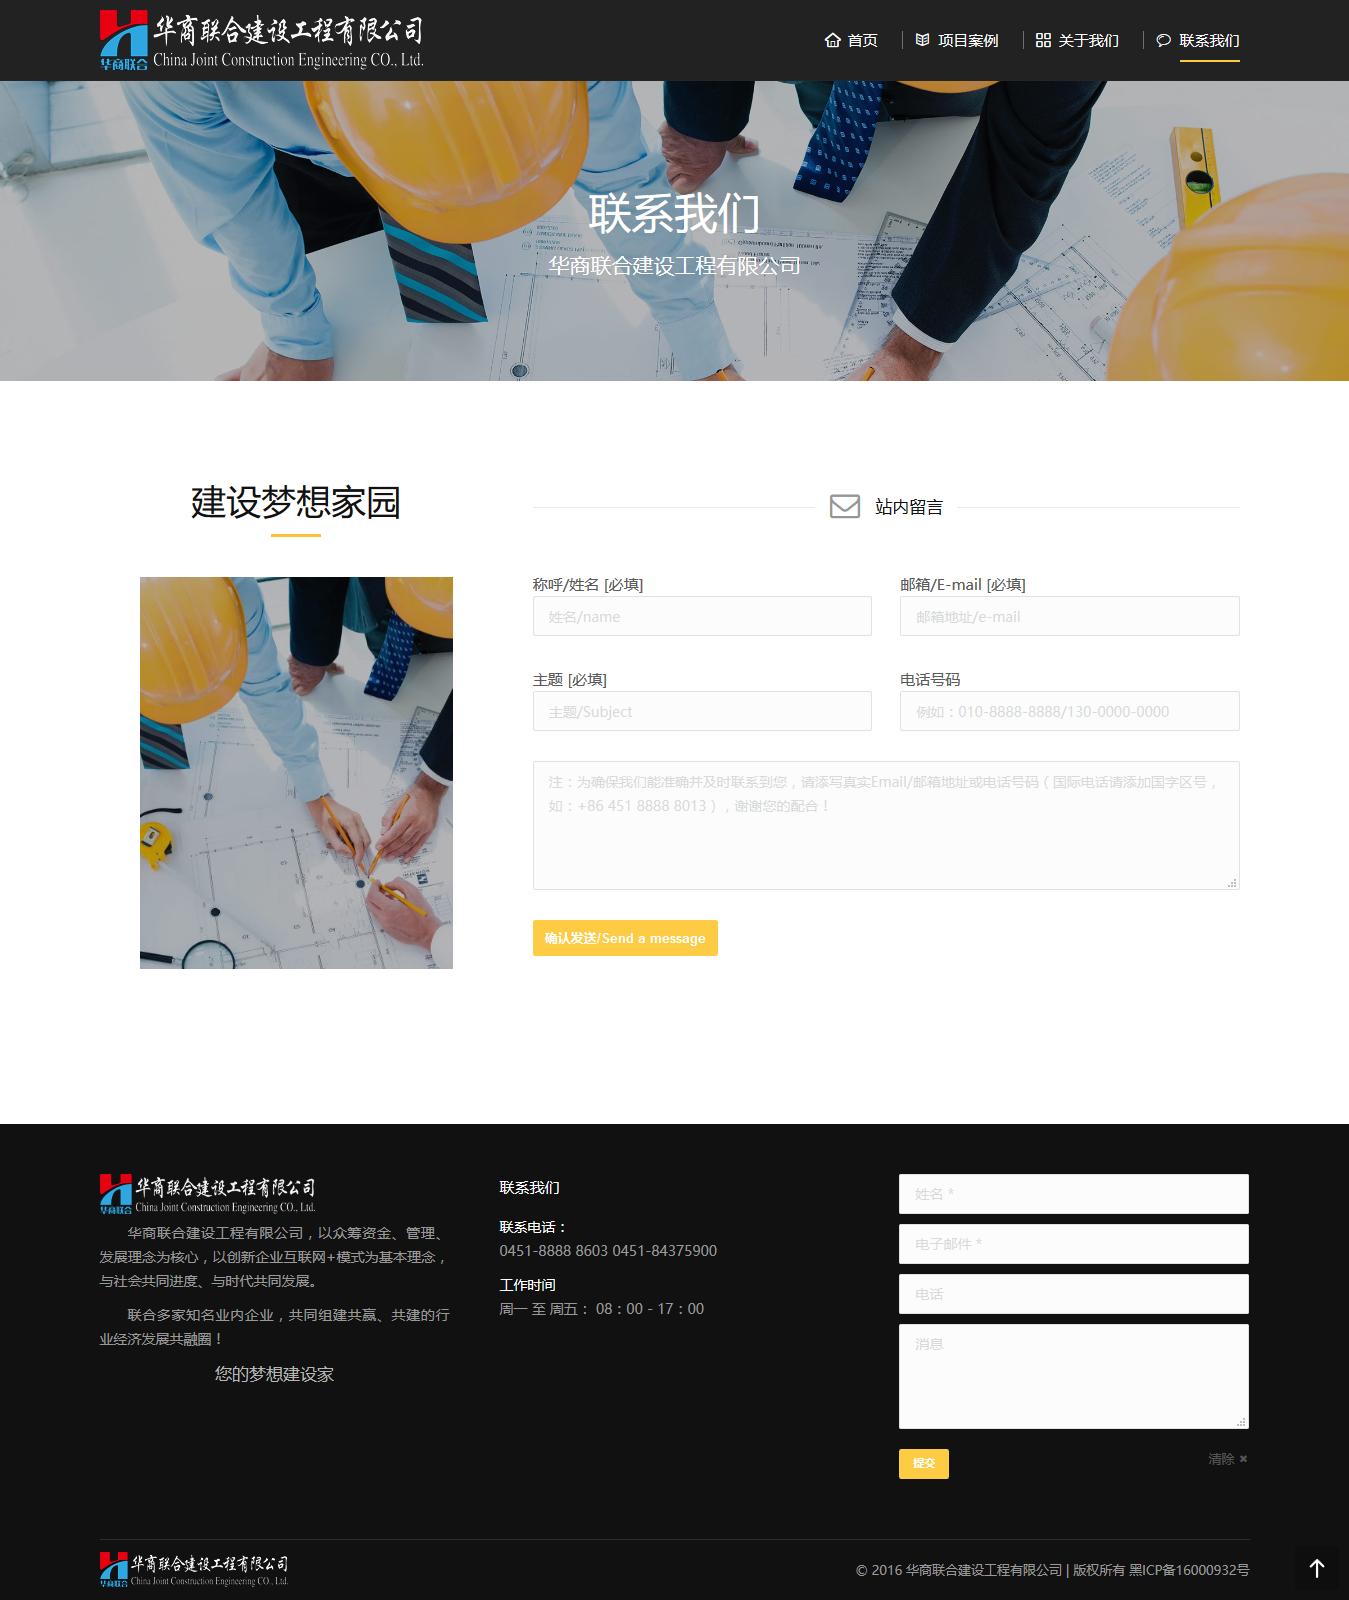 h3 黑龙江省华商联合建设工程有限公司